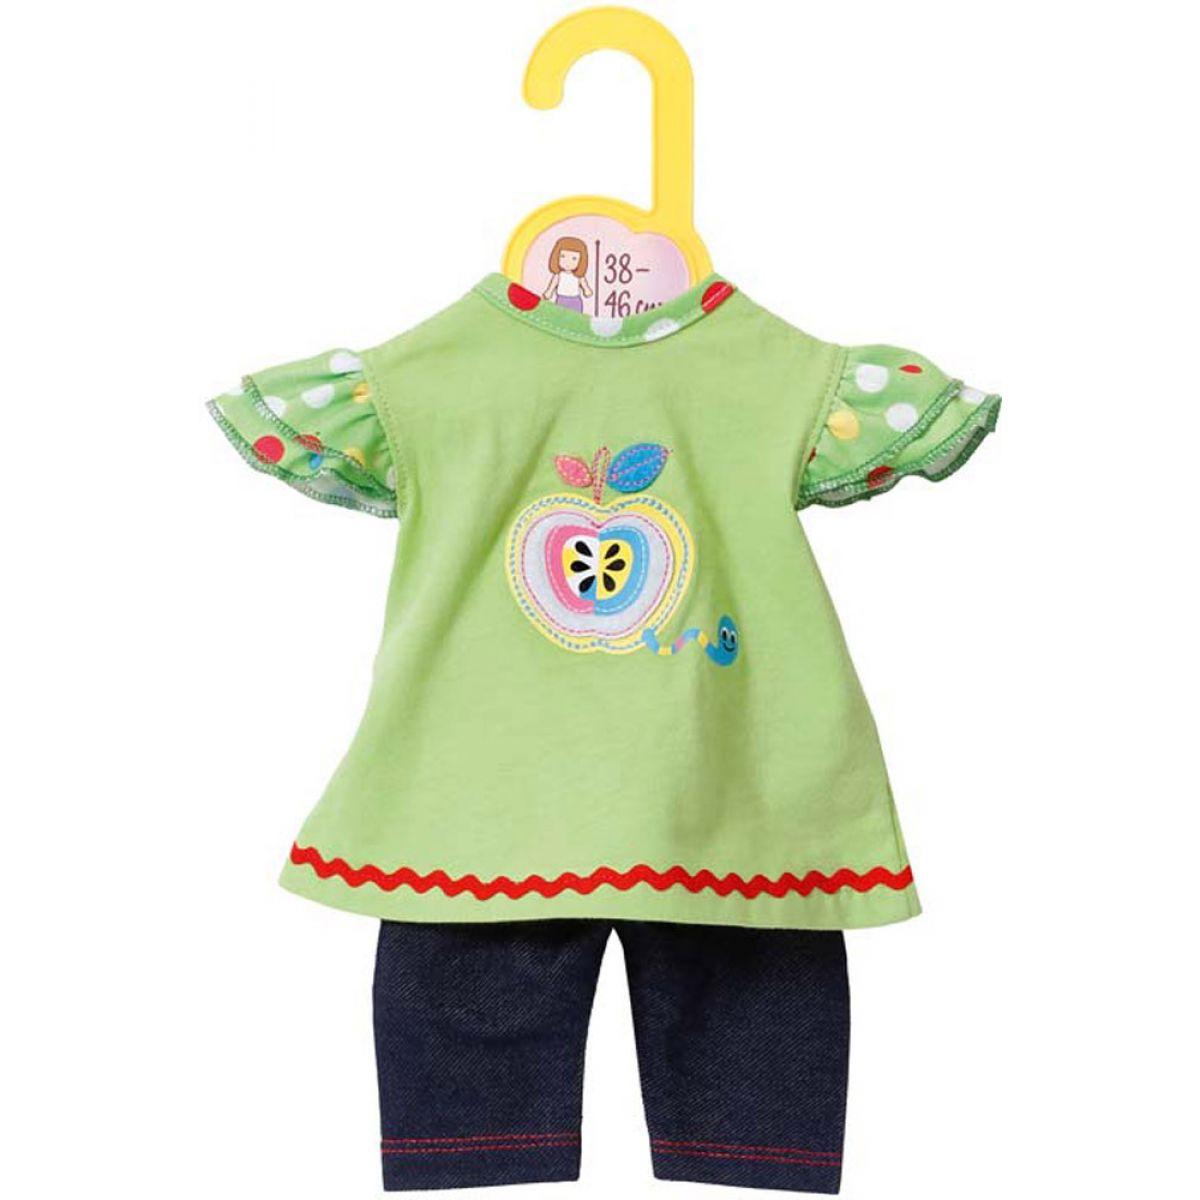 Zapf Creation Dolly Moda Šatičky s legínami 38-46 cm